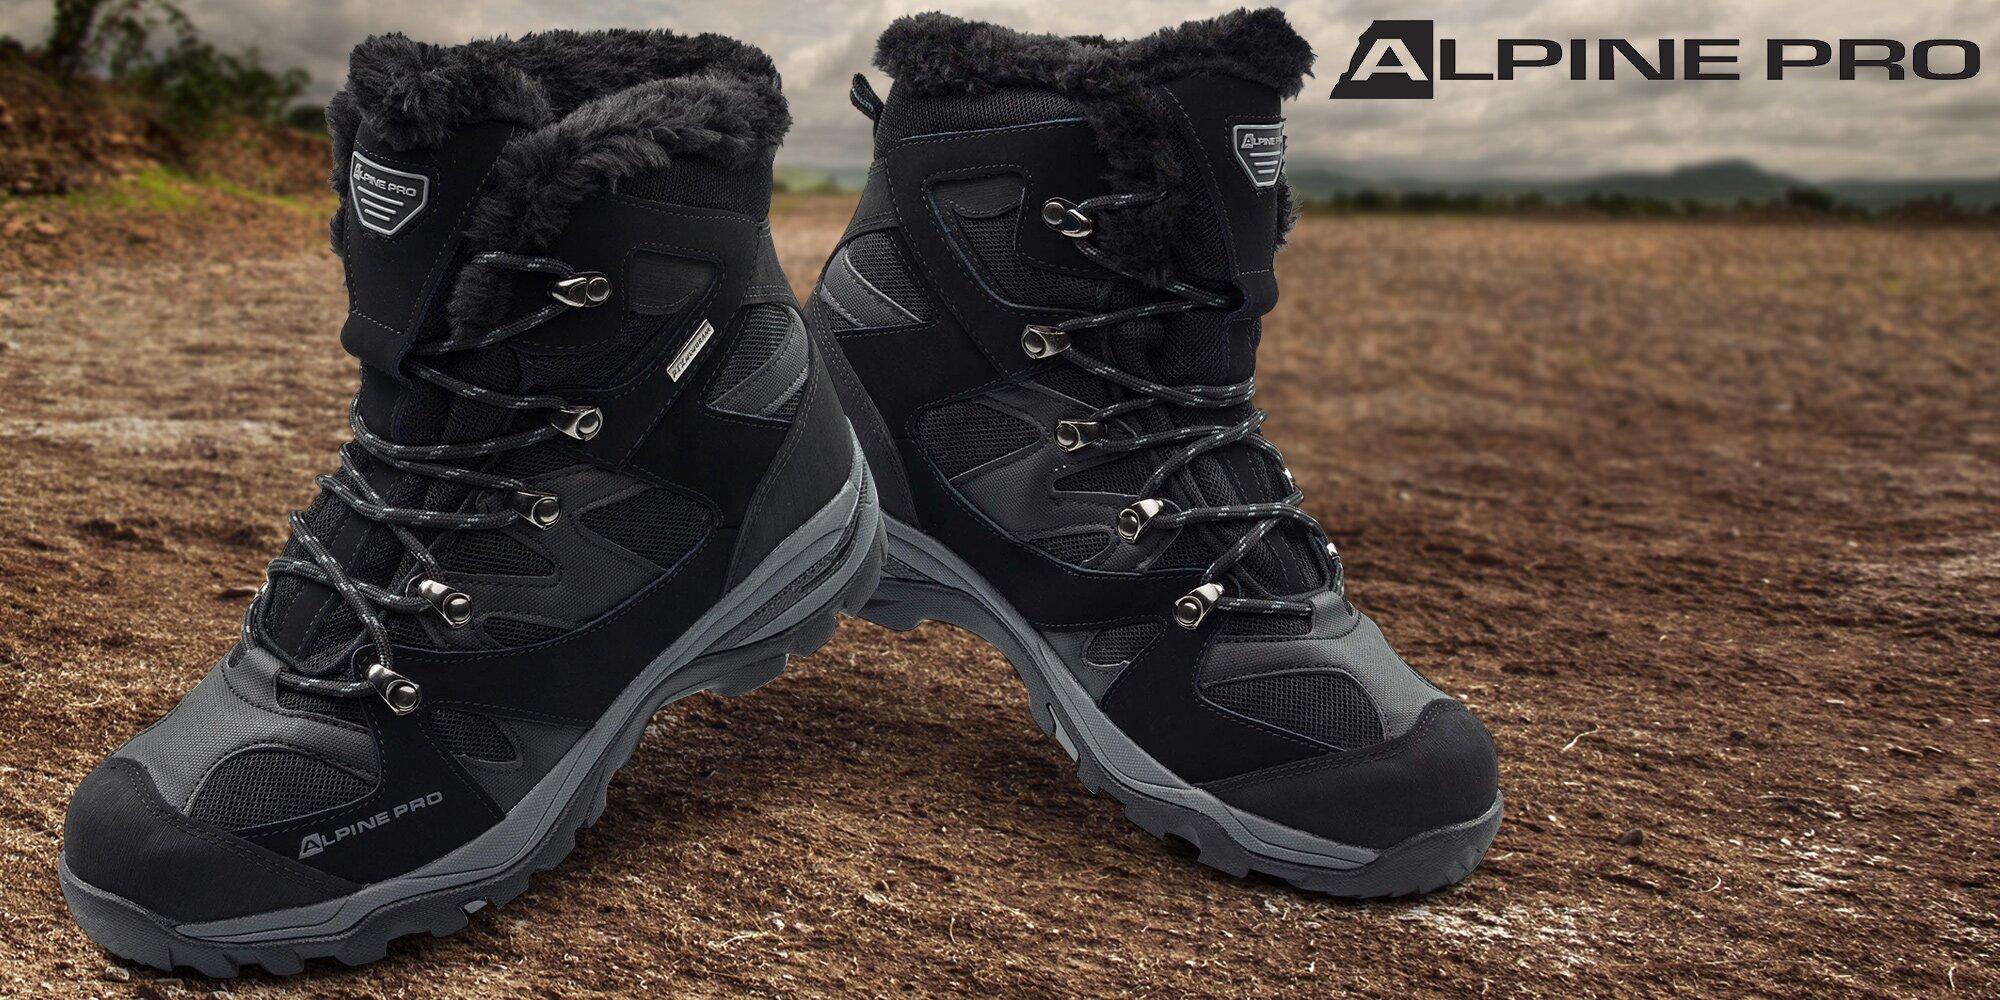 d43c20132a Pánská zimní obuv Alpine Pro do sněhu i mrazu